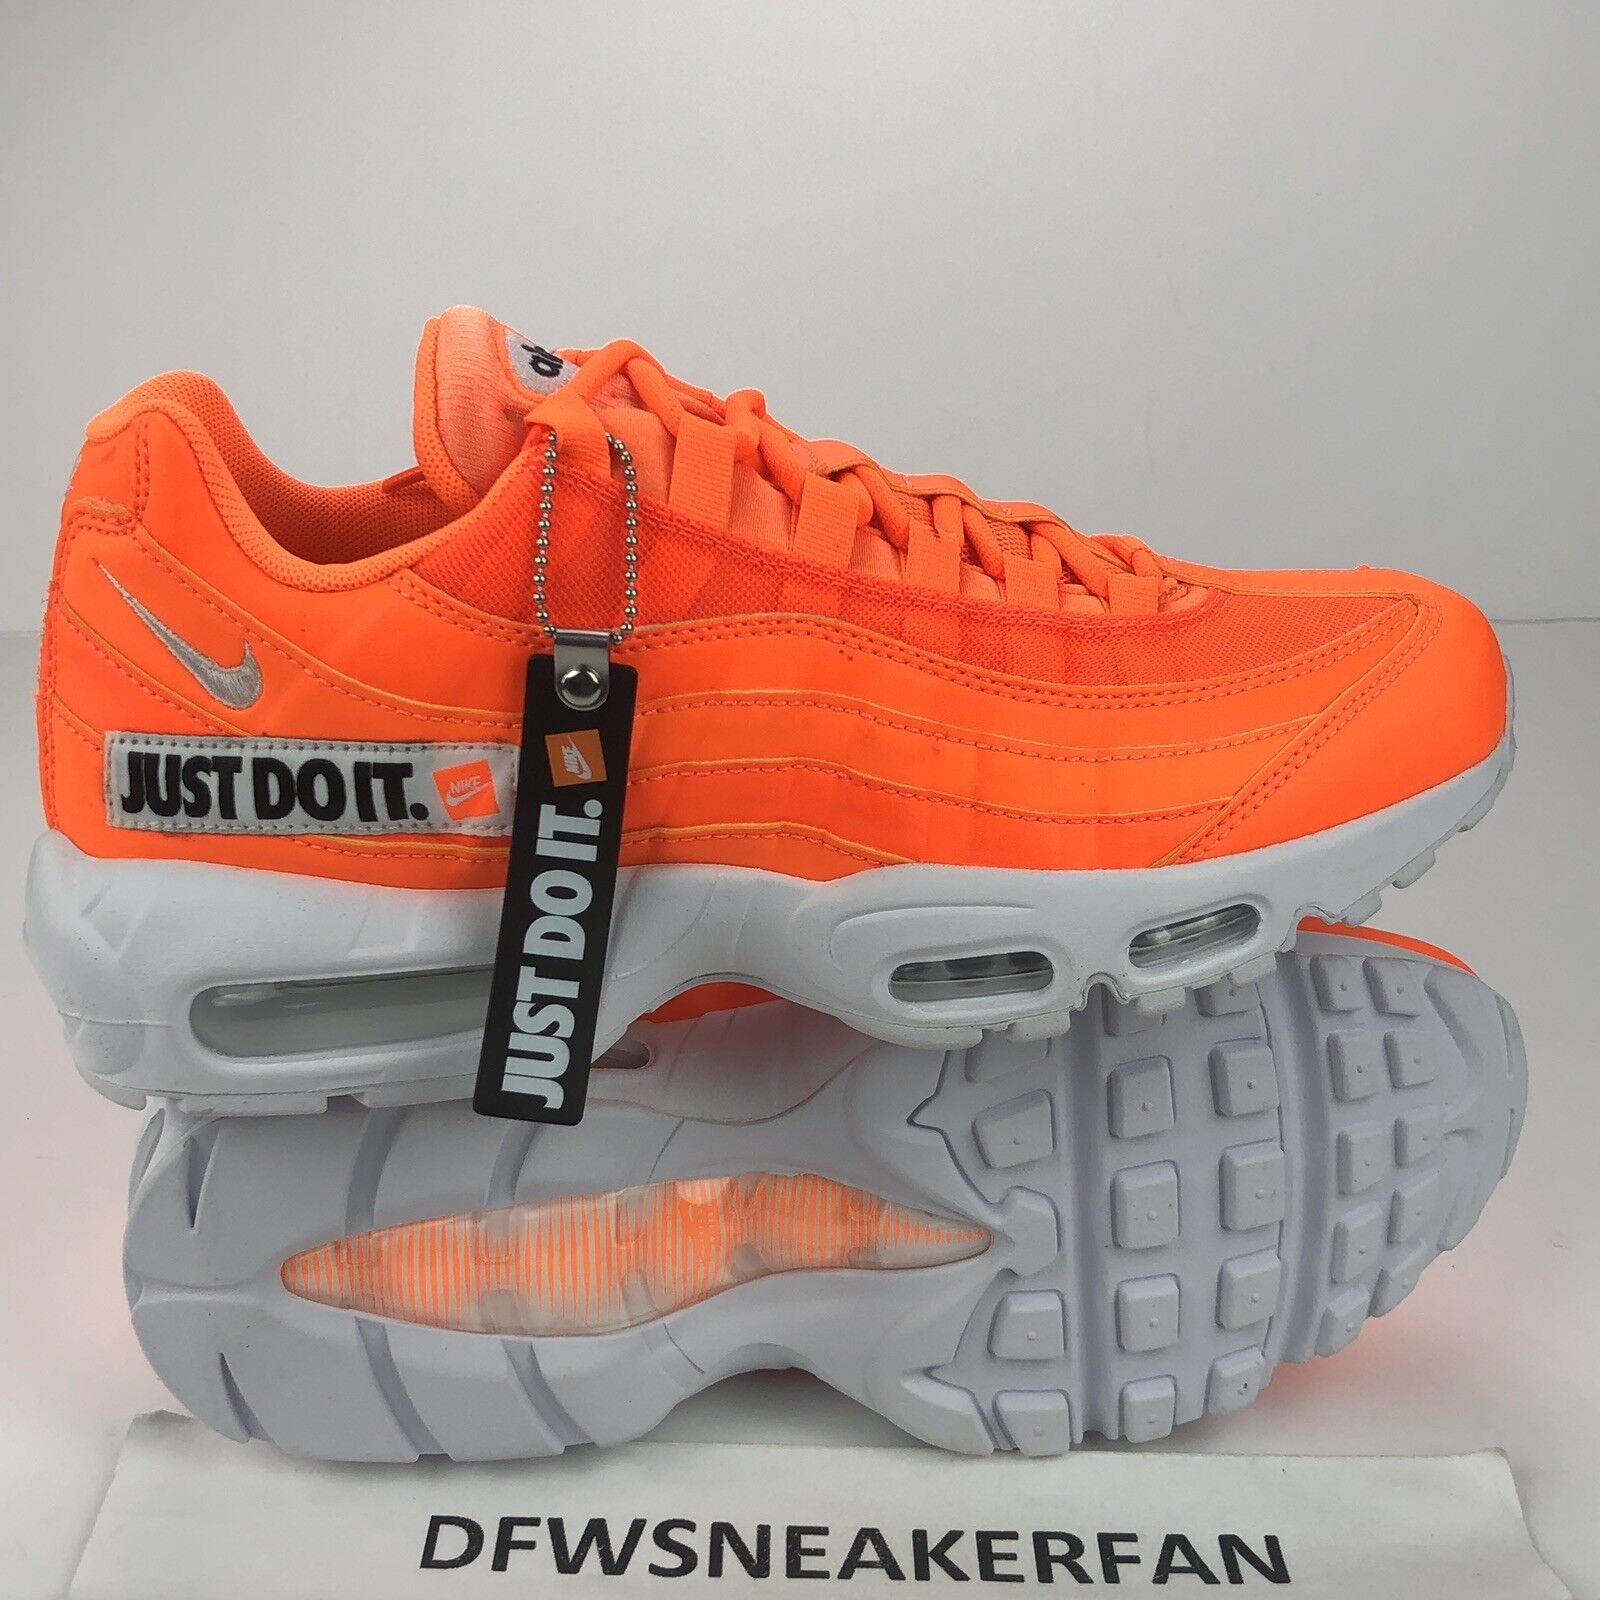 Nike Air Max 95 Just Do It Men's Size 8.5 Total orange Running shoes AV6246-800